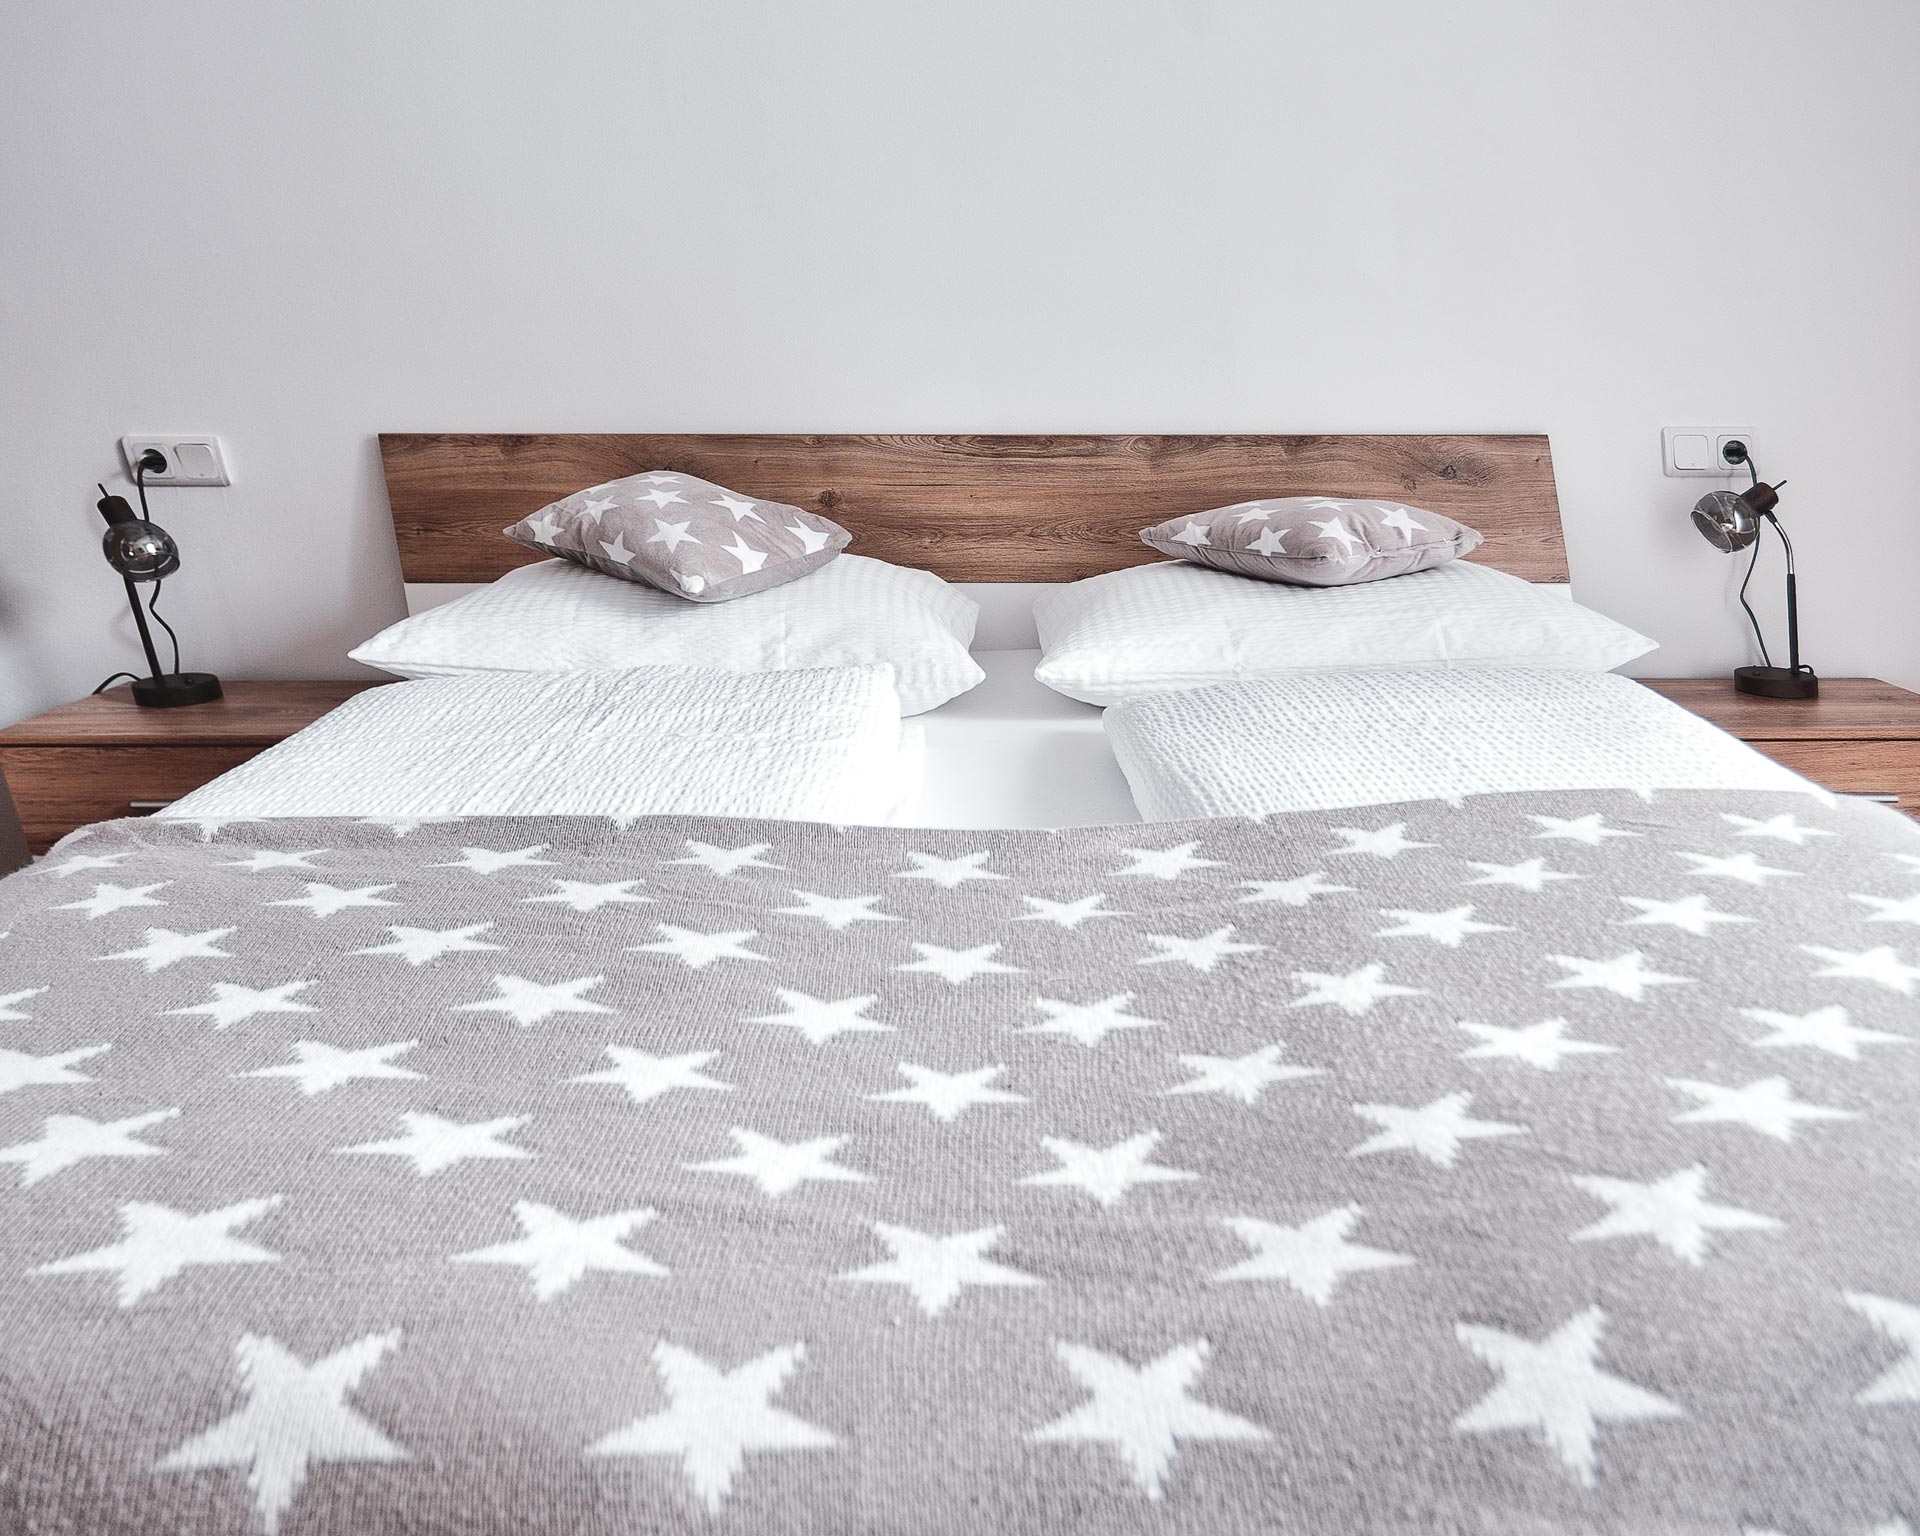 bett schlafzimmer appartement kematen pfarrwirt sand in taufers